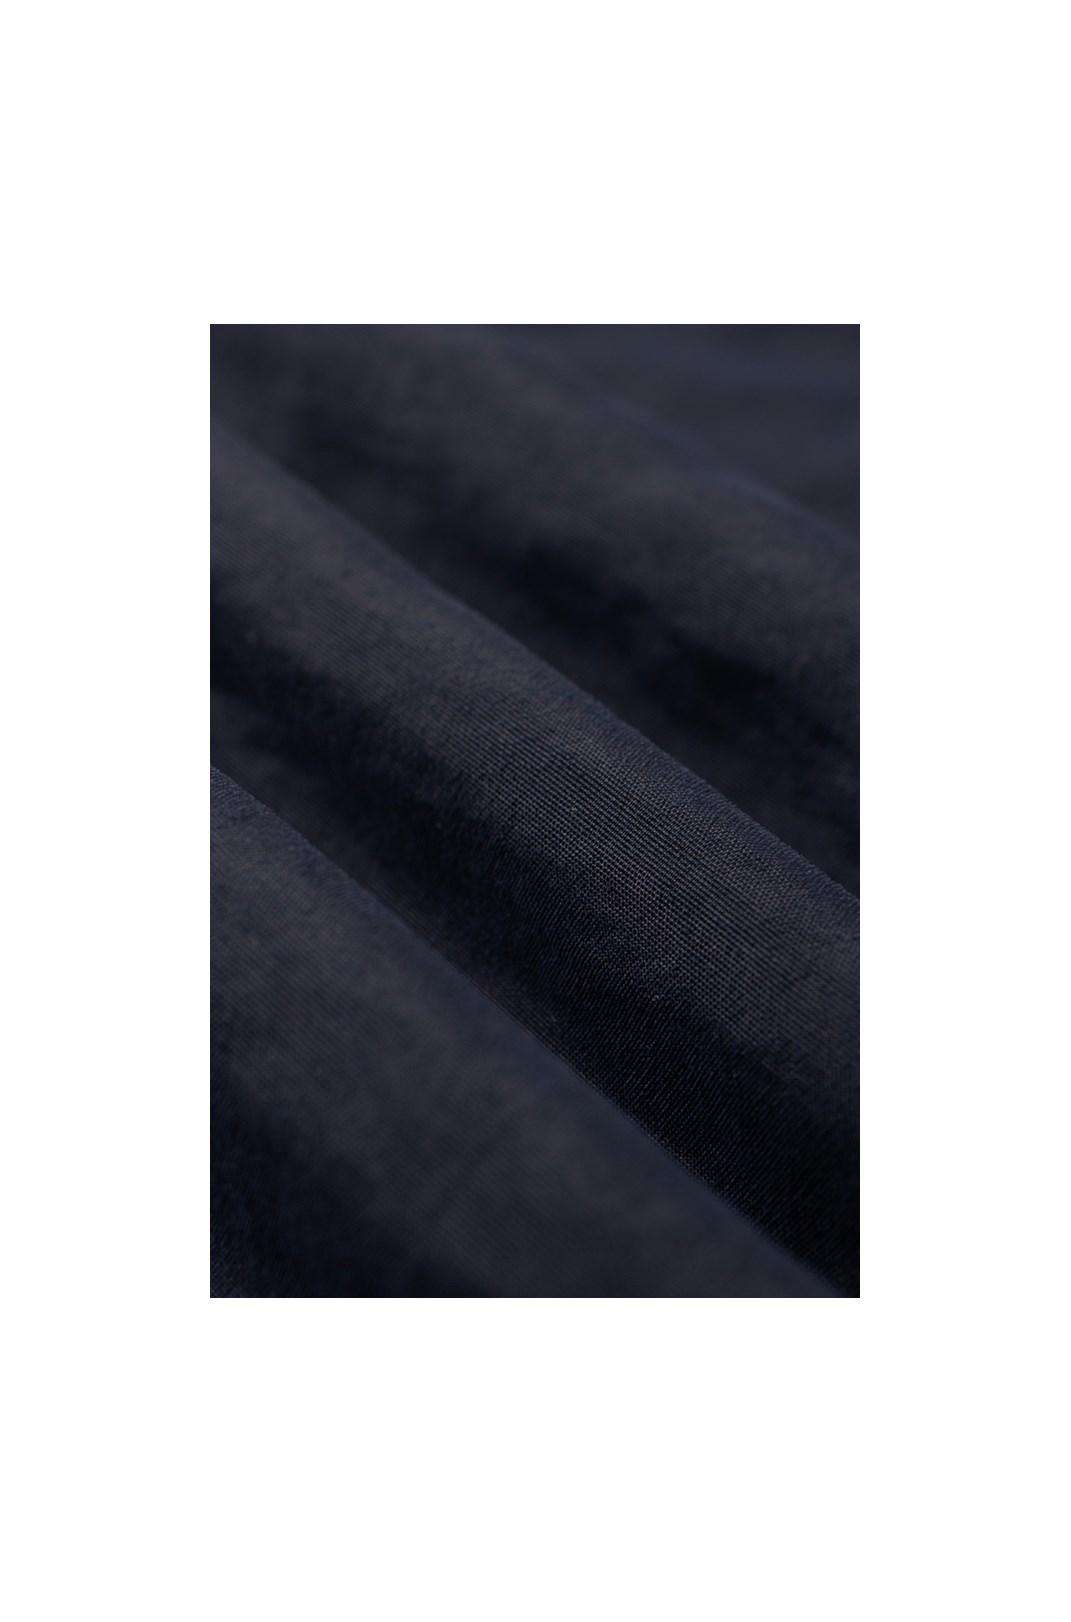 Corta Vento Approve Classic Azul Marinho V2